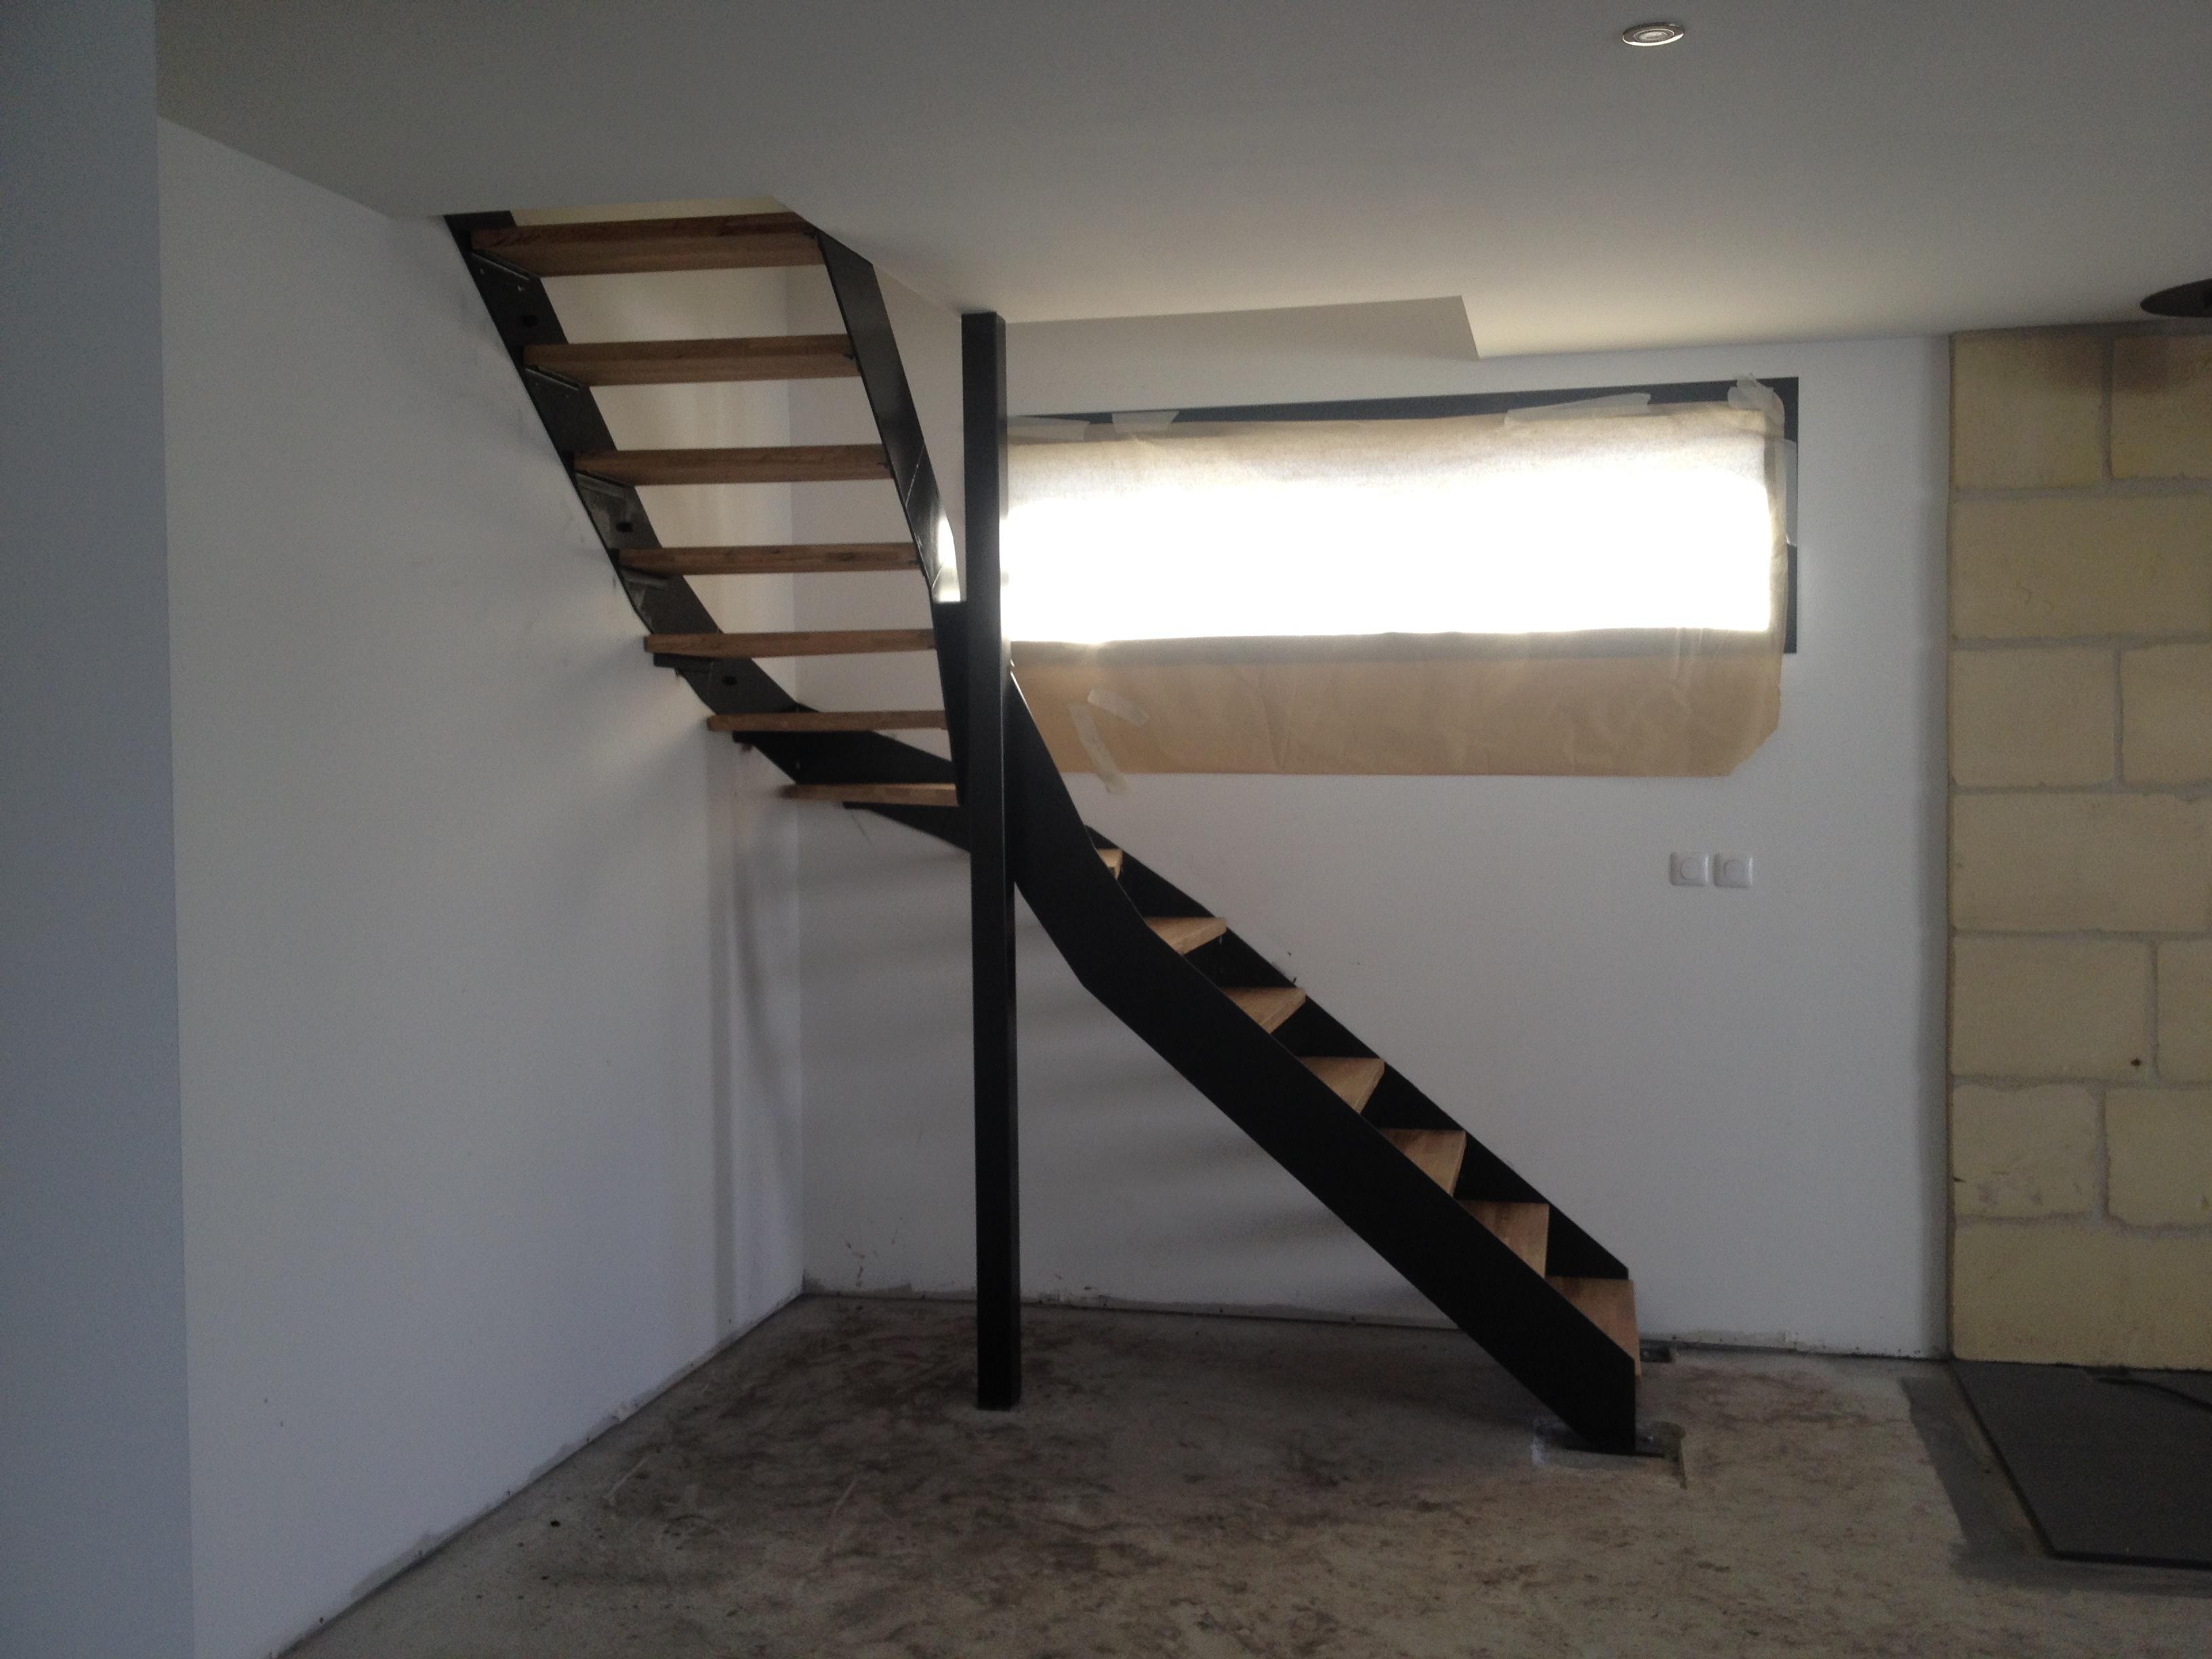 escalier balanc m tal bois m tallier bordeaux. Black Bedroom Furniture Sets. Home Design Ideas